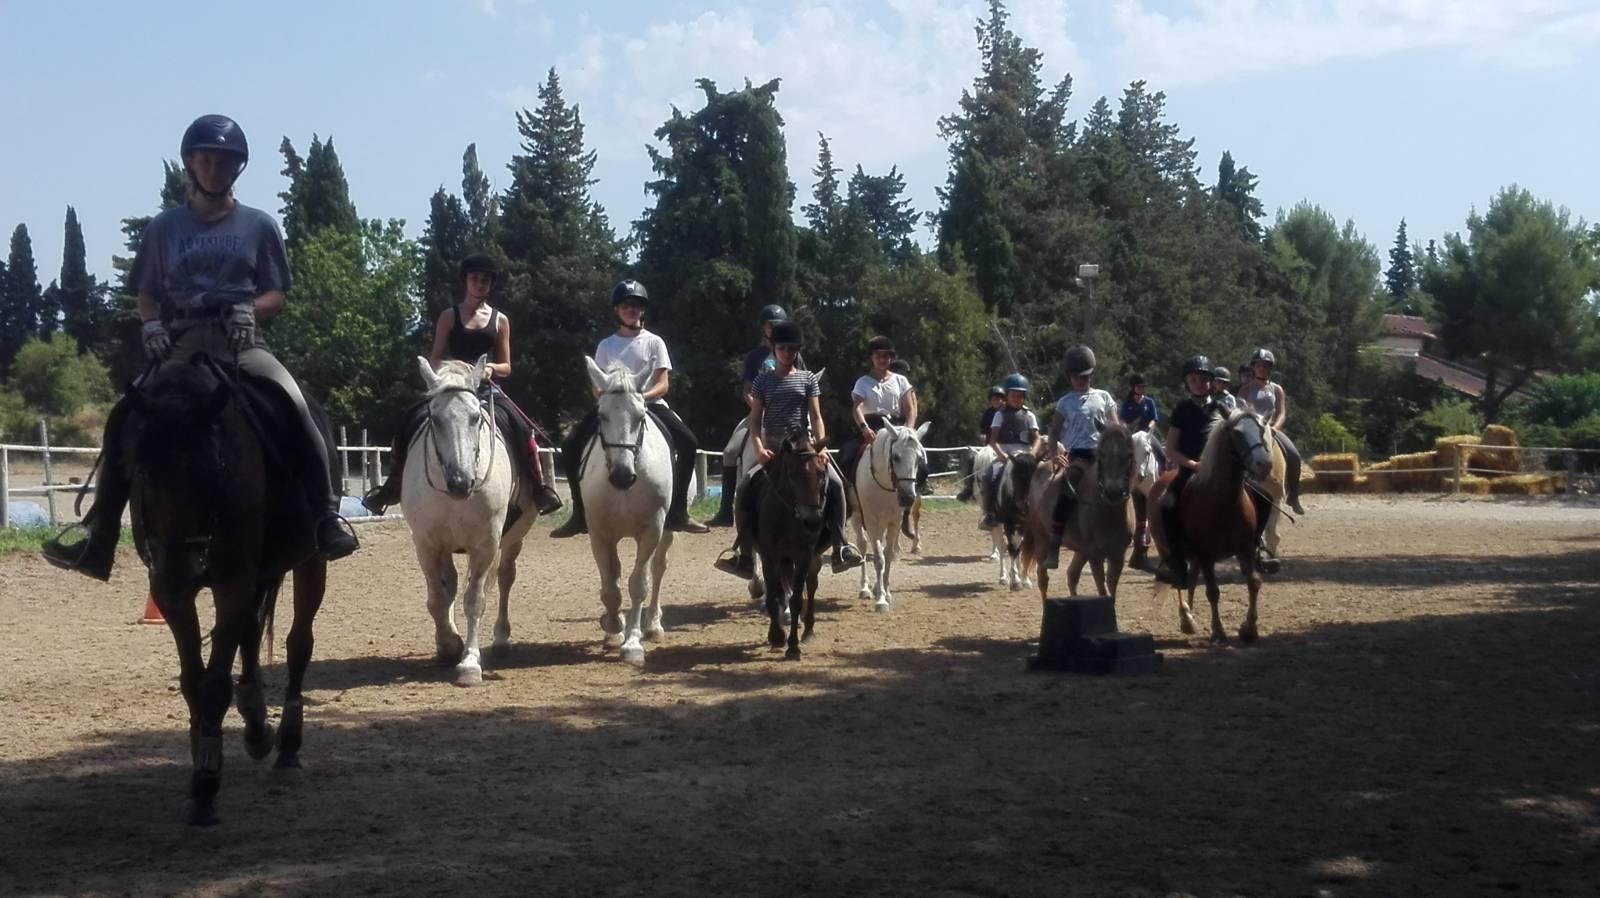 Faire Un Stage D Equitation Aux Vacances De La Toussaint Dans Le Vaucluse Pres De Gordes Haras De Lagnes